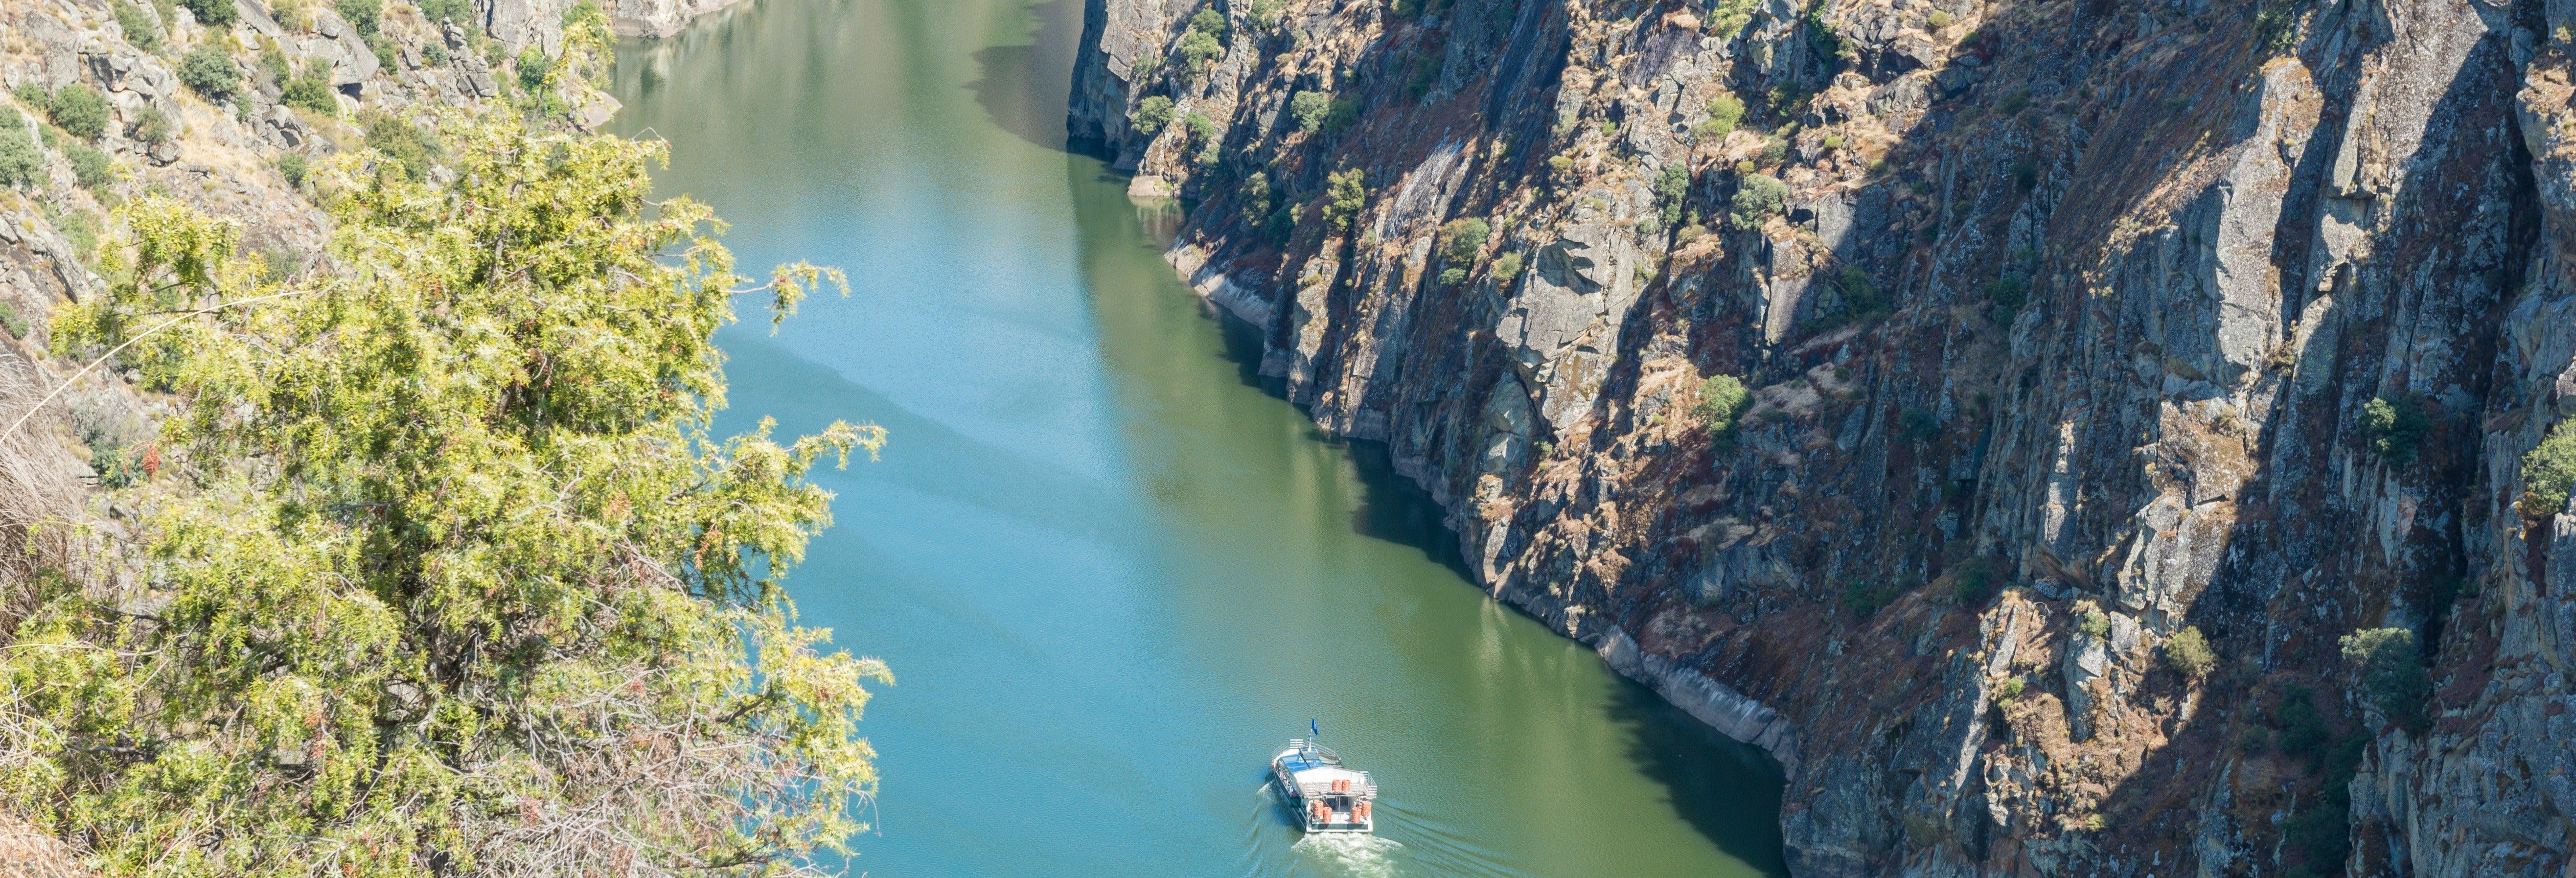 Passeio de barco pelas Arribas do Douro